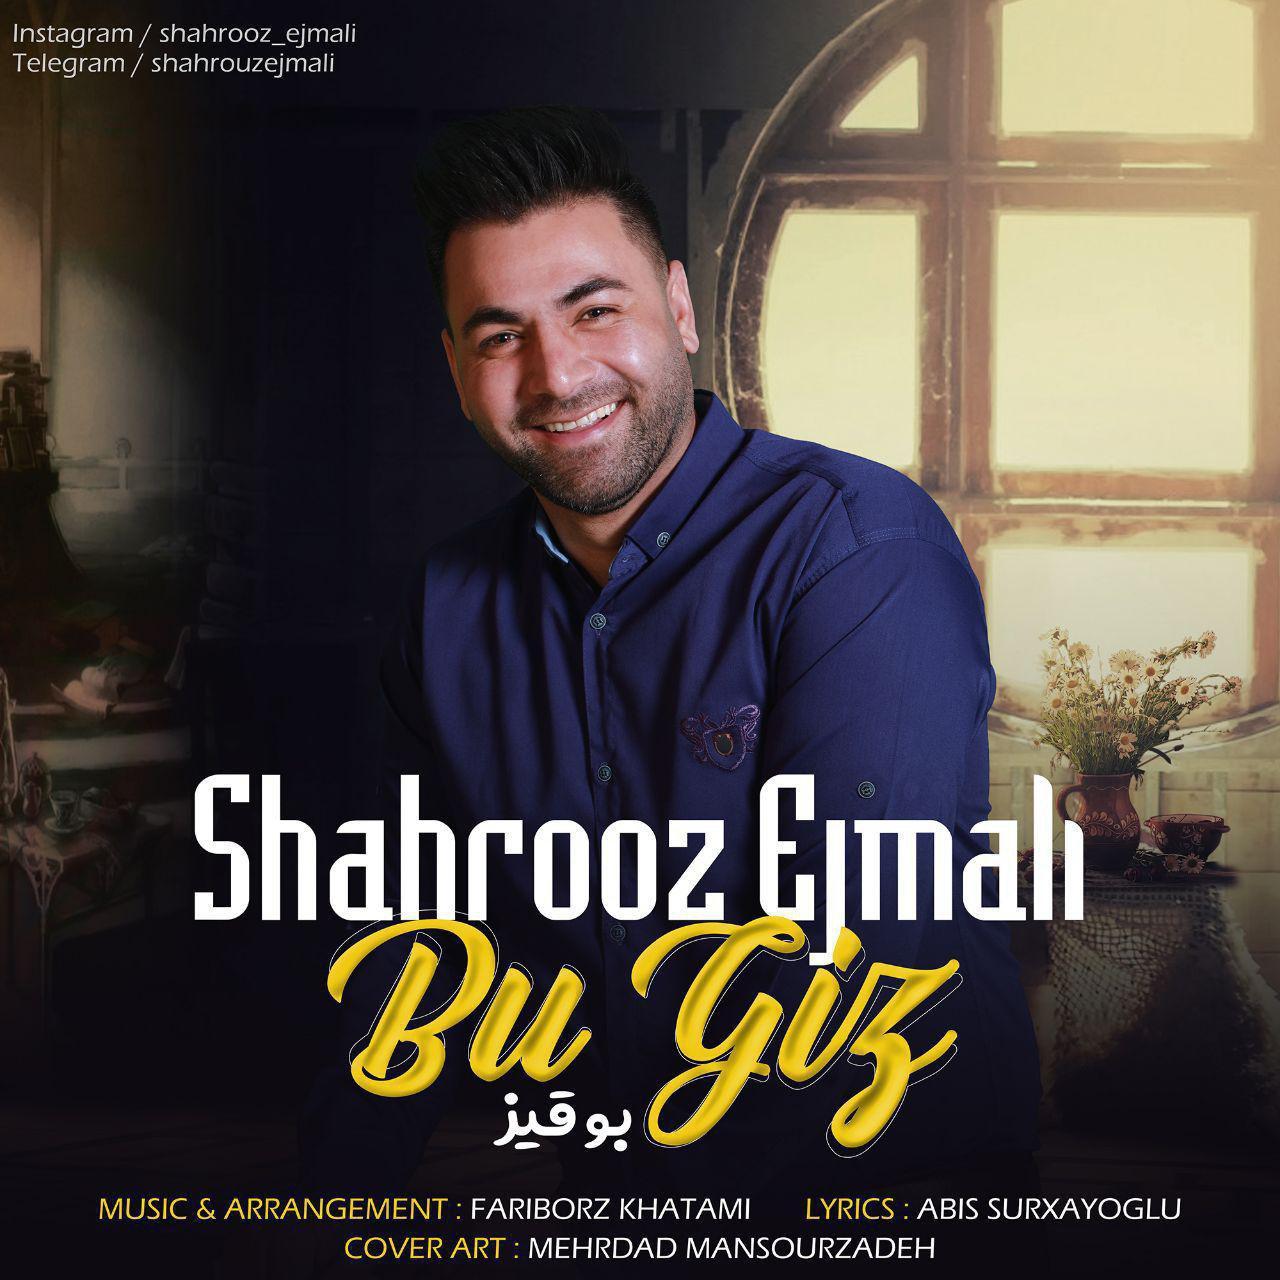 http://s9.picofile.com/file/8355225850/16Shahrooz_Ejmali_Bu_Giz.jpg